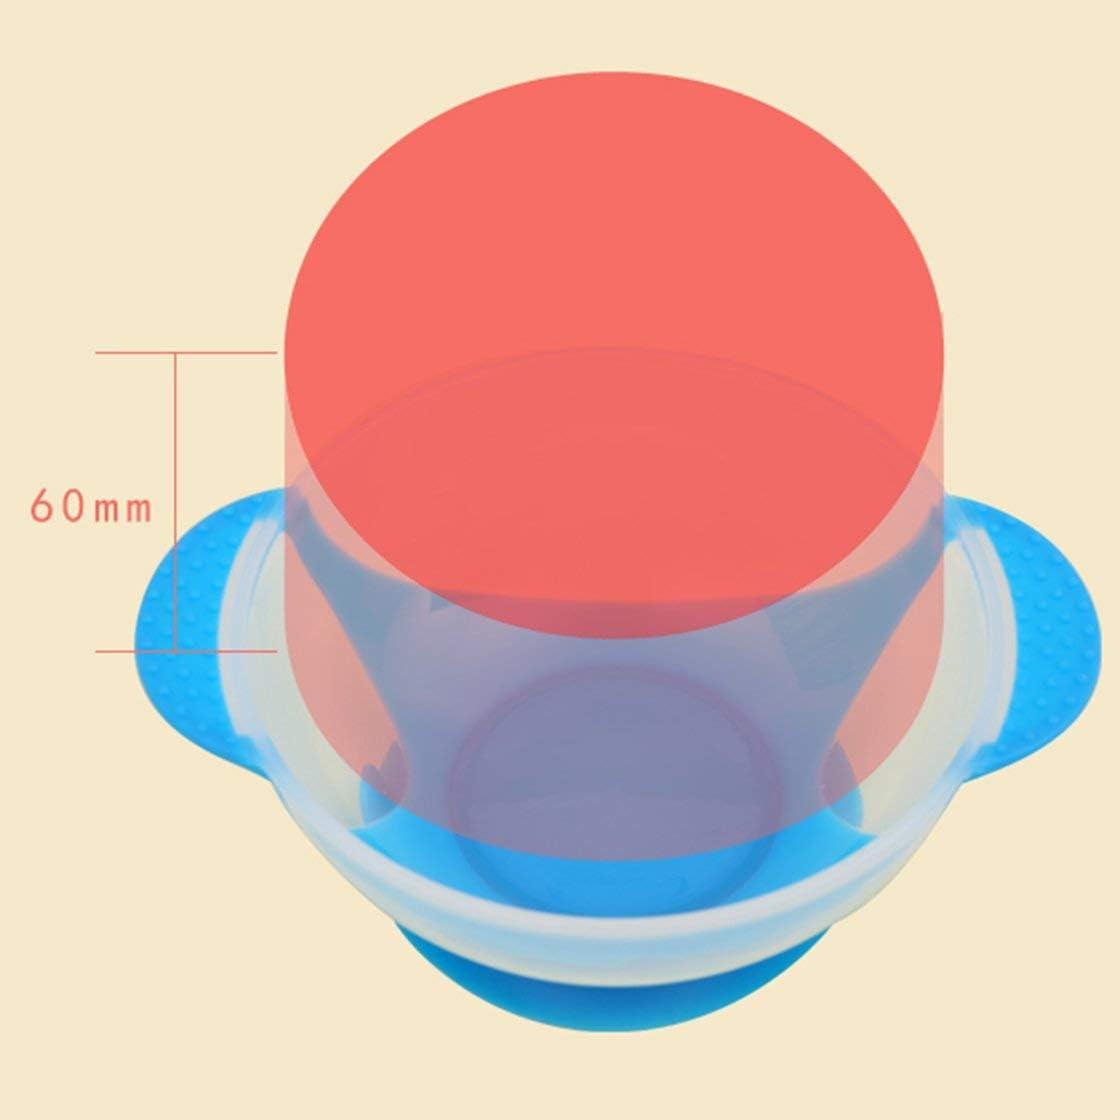 Jessicadaphne Cuchara de alimentaci/ón con Sensor de Temperatura Platos de Aprendizaje Juego de vajilla para beb/és Plato de Servicio//Bandeja vajilla para ni/ños Cuenco de Comida